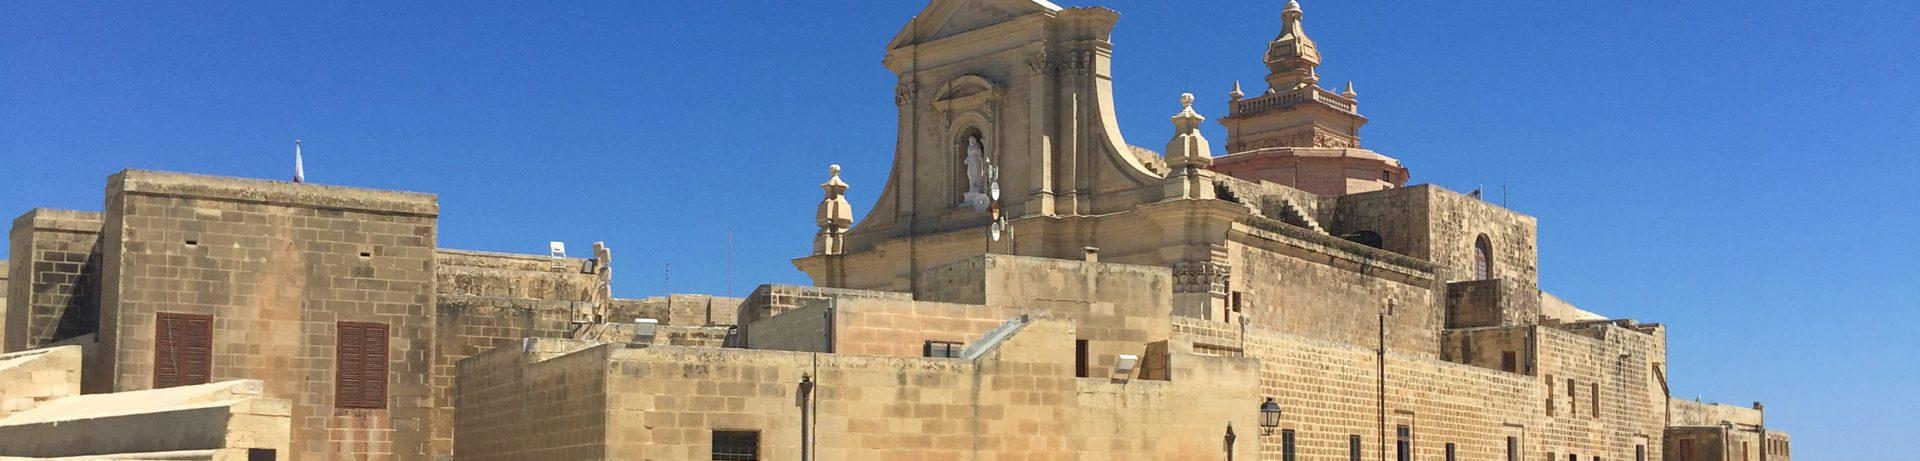 Katedra Wniebowzięcia Najświętszej Maryi Panny wVictorii